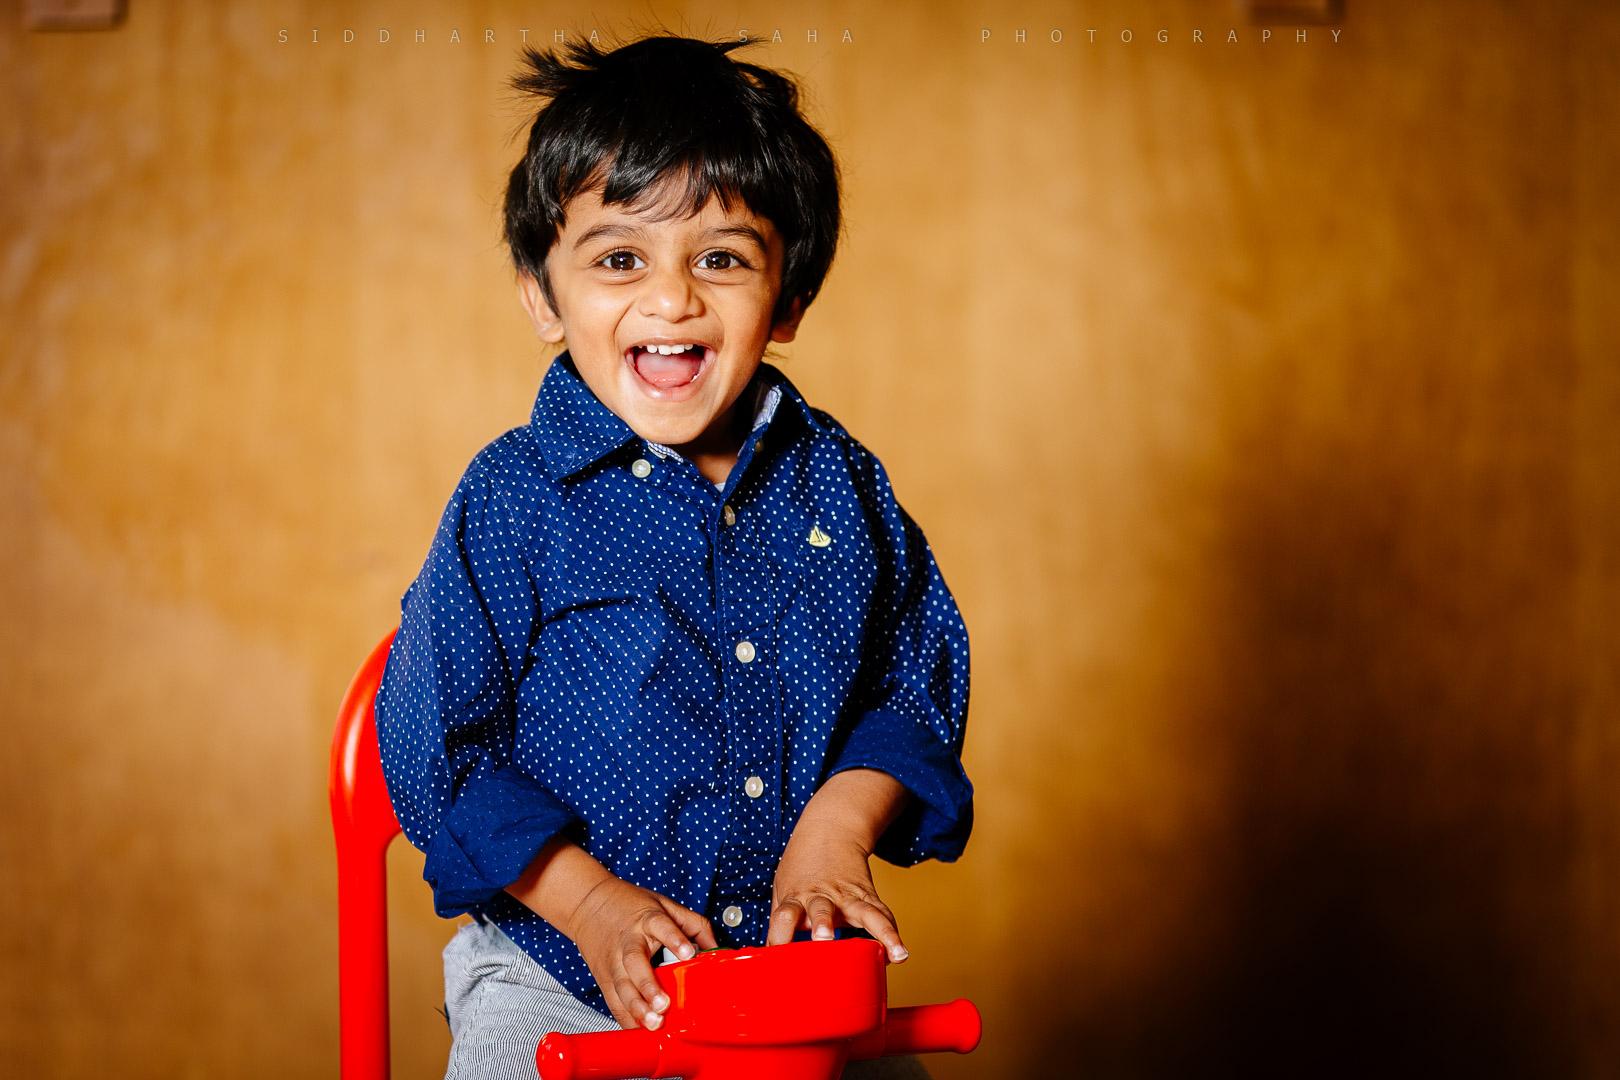 2015-06-14 - Ranjani Naveen Vihaan Photoshoot - _05Y6957